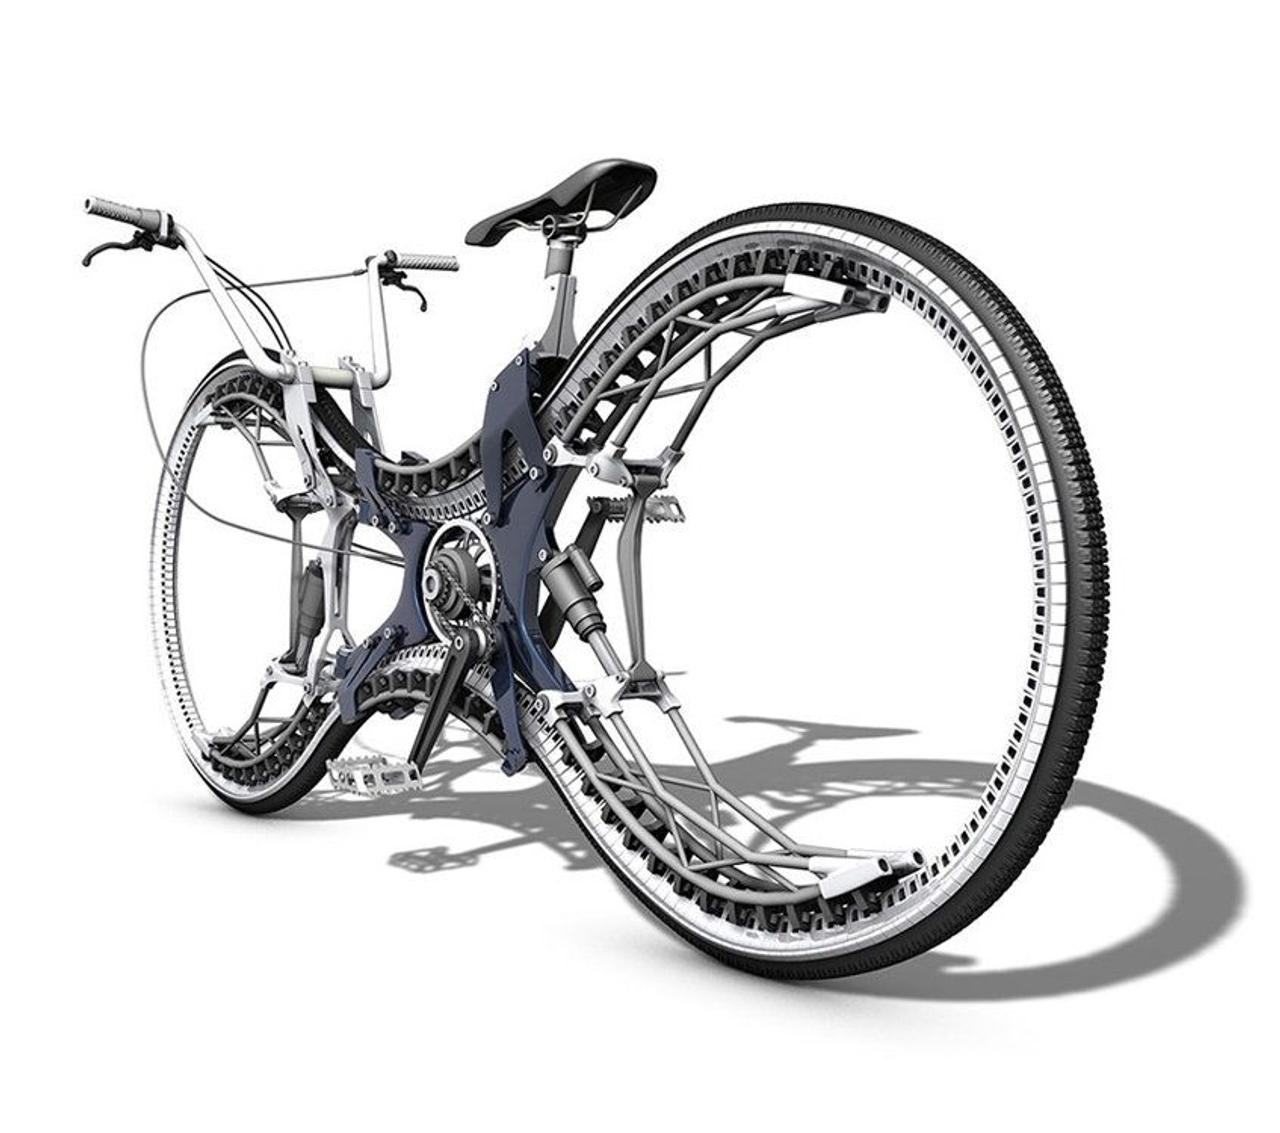 Концепция полноприводного велосипеда «Бесконечность» от дизайнера Стефана Хенриха